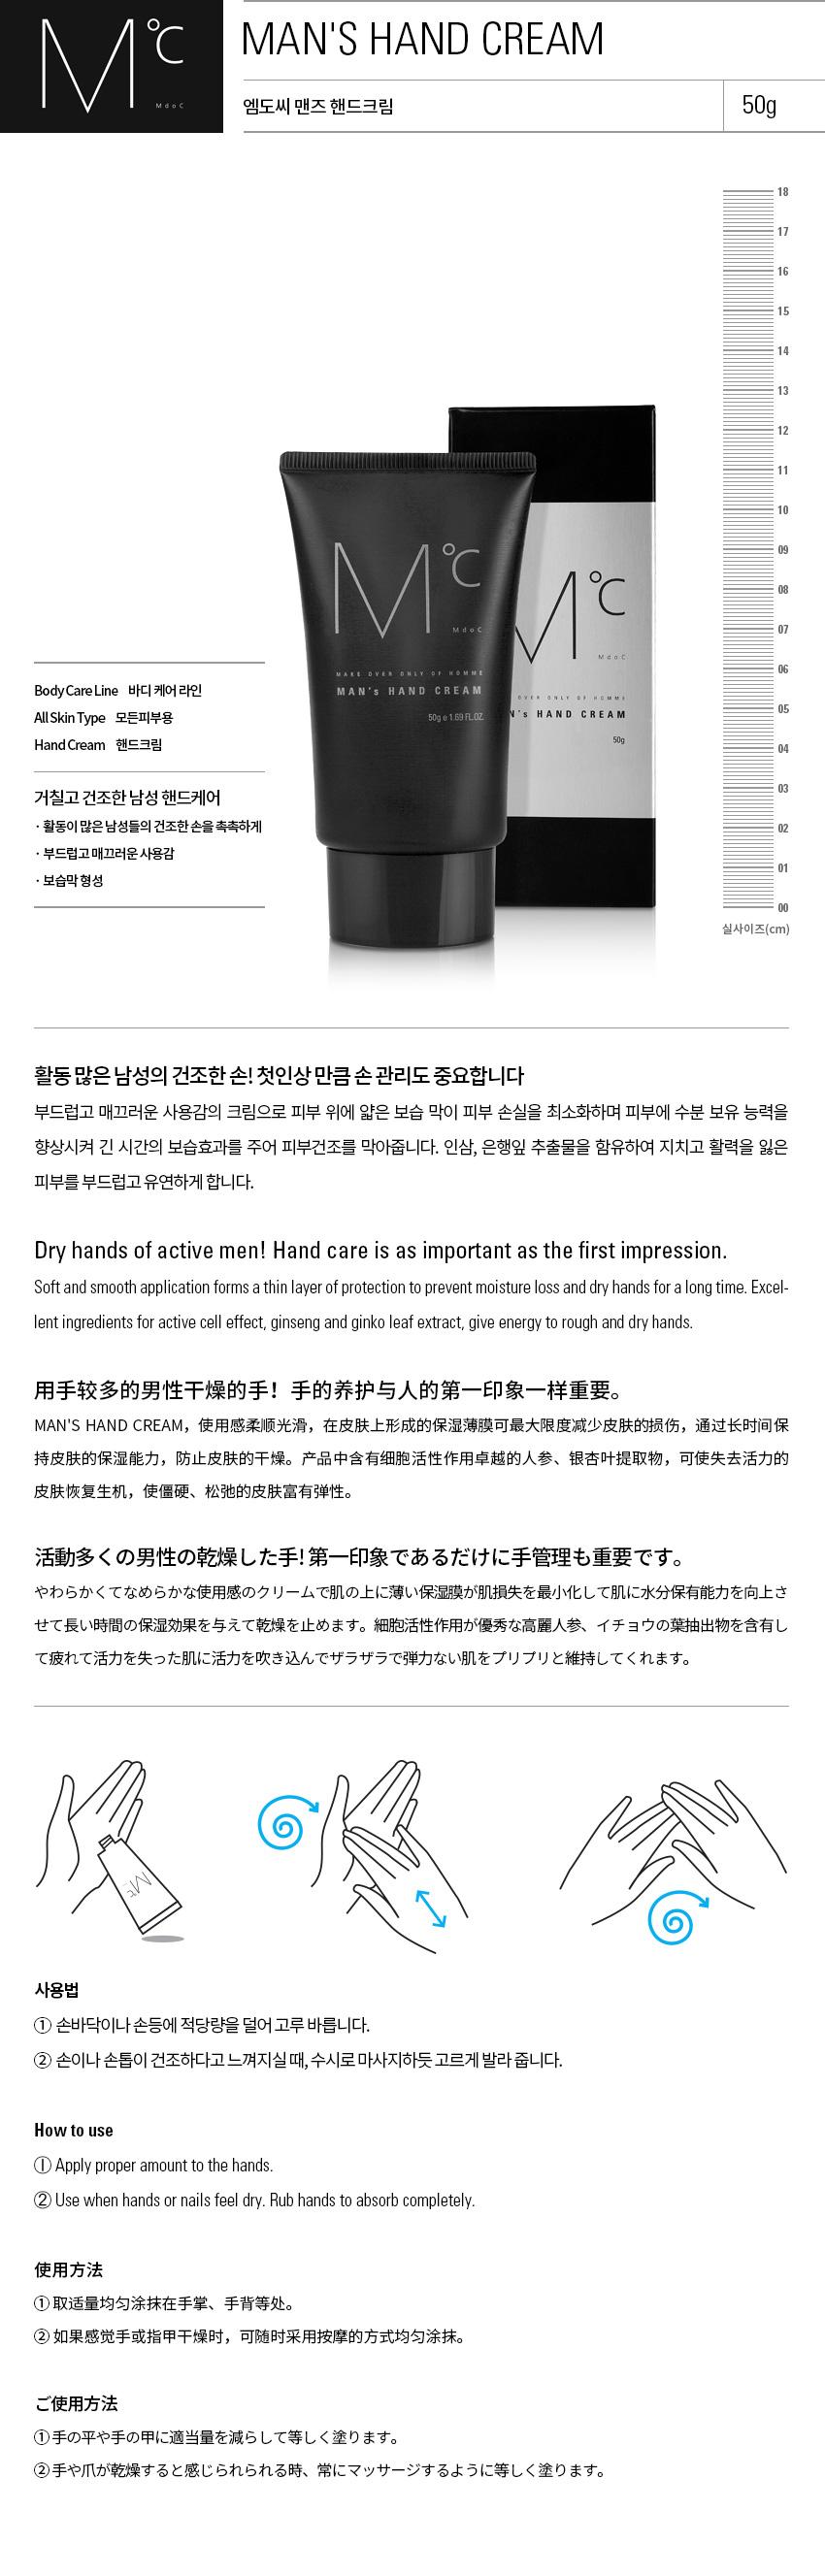 nd_mshc_info.jpg